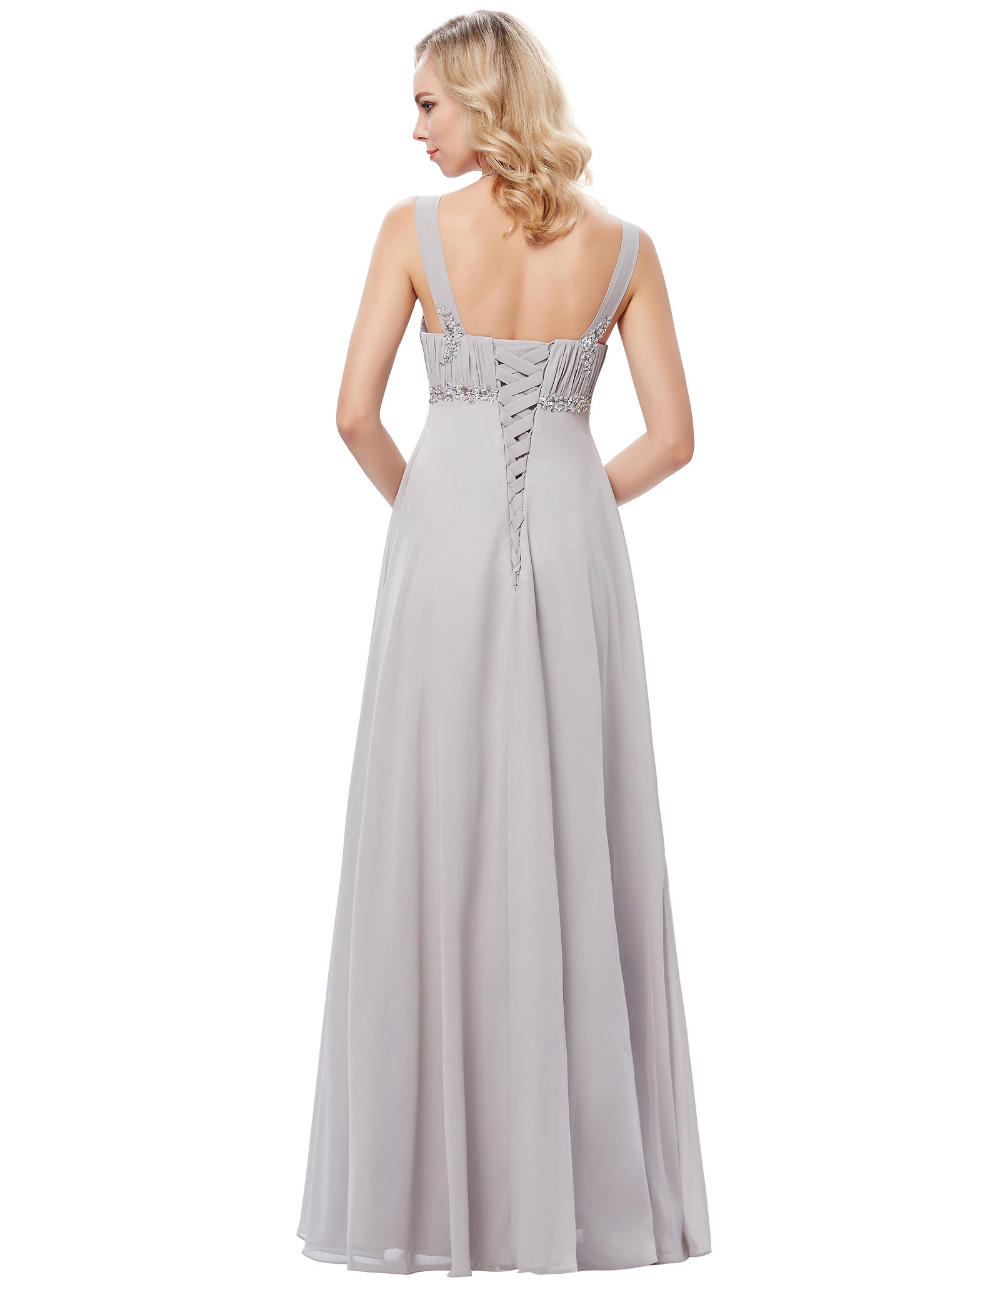 HTB1cg68OFXXXXb4XVXXq6xXFXXXZLong Formal Dress Elegant Floor Length Chiffon Dress